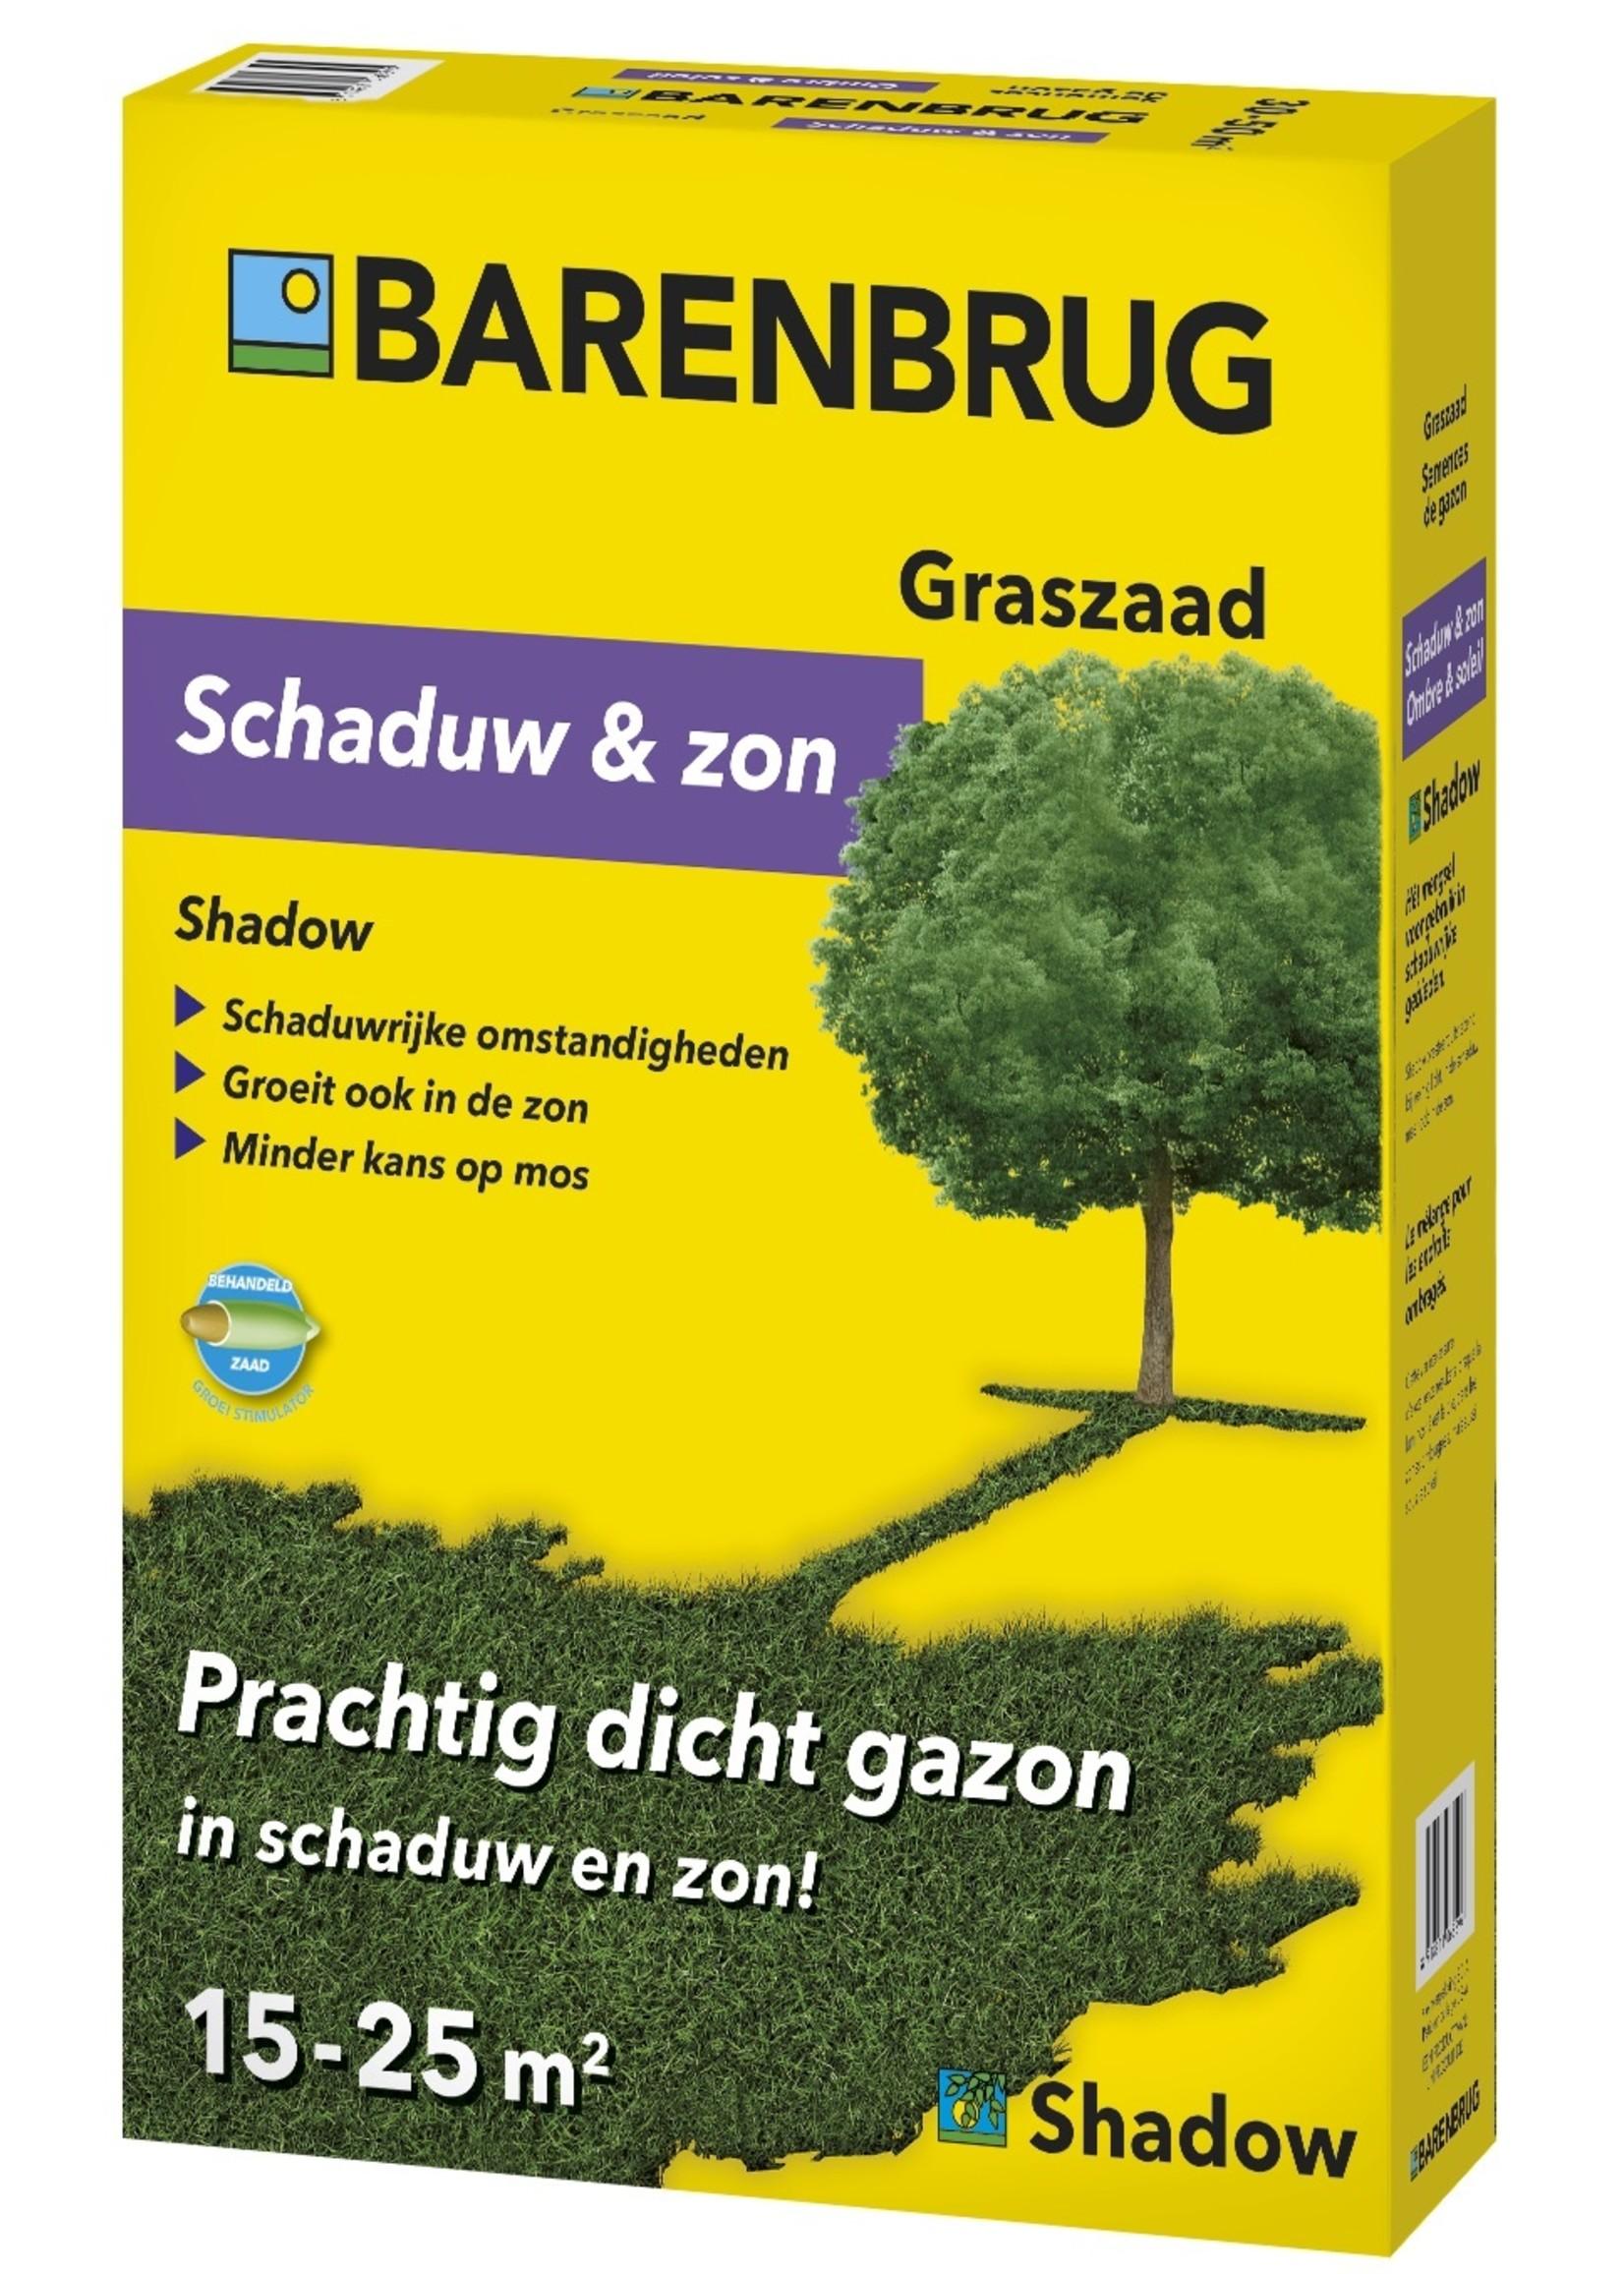 Barenbrug Schaduw en Zon graszaad 500 gram (15-25 m²)